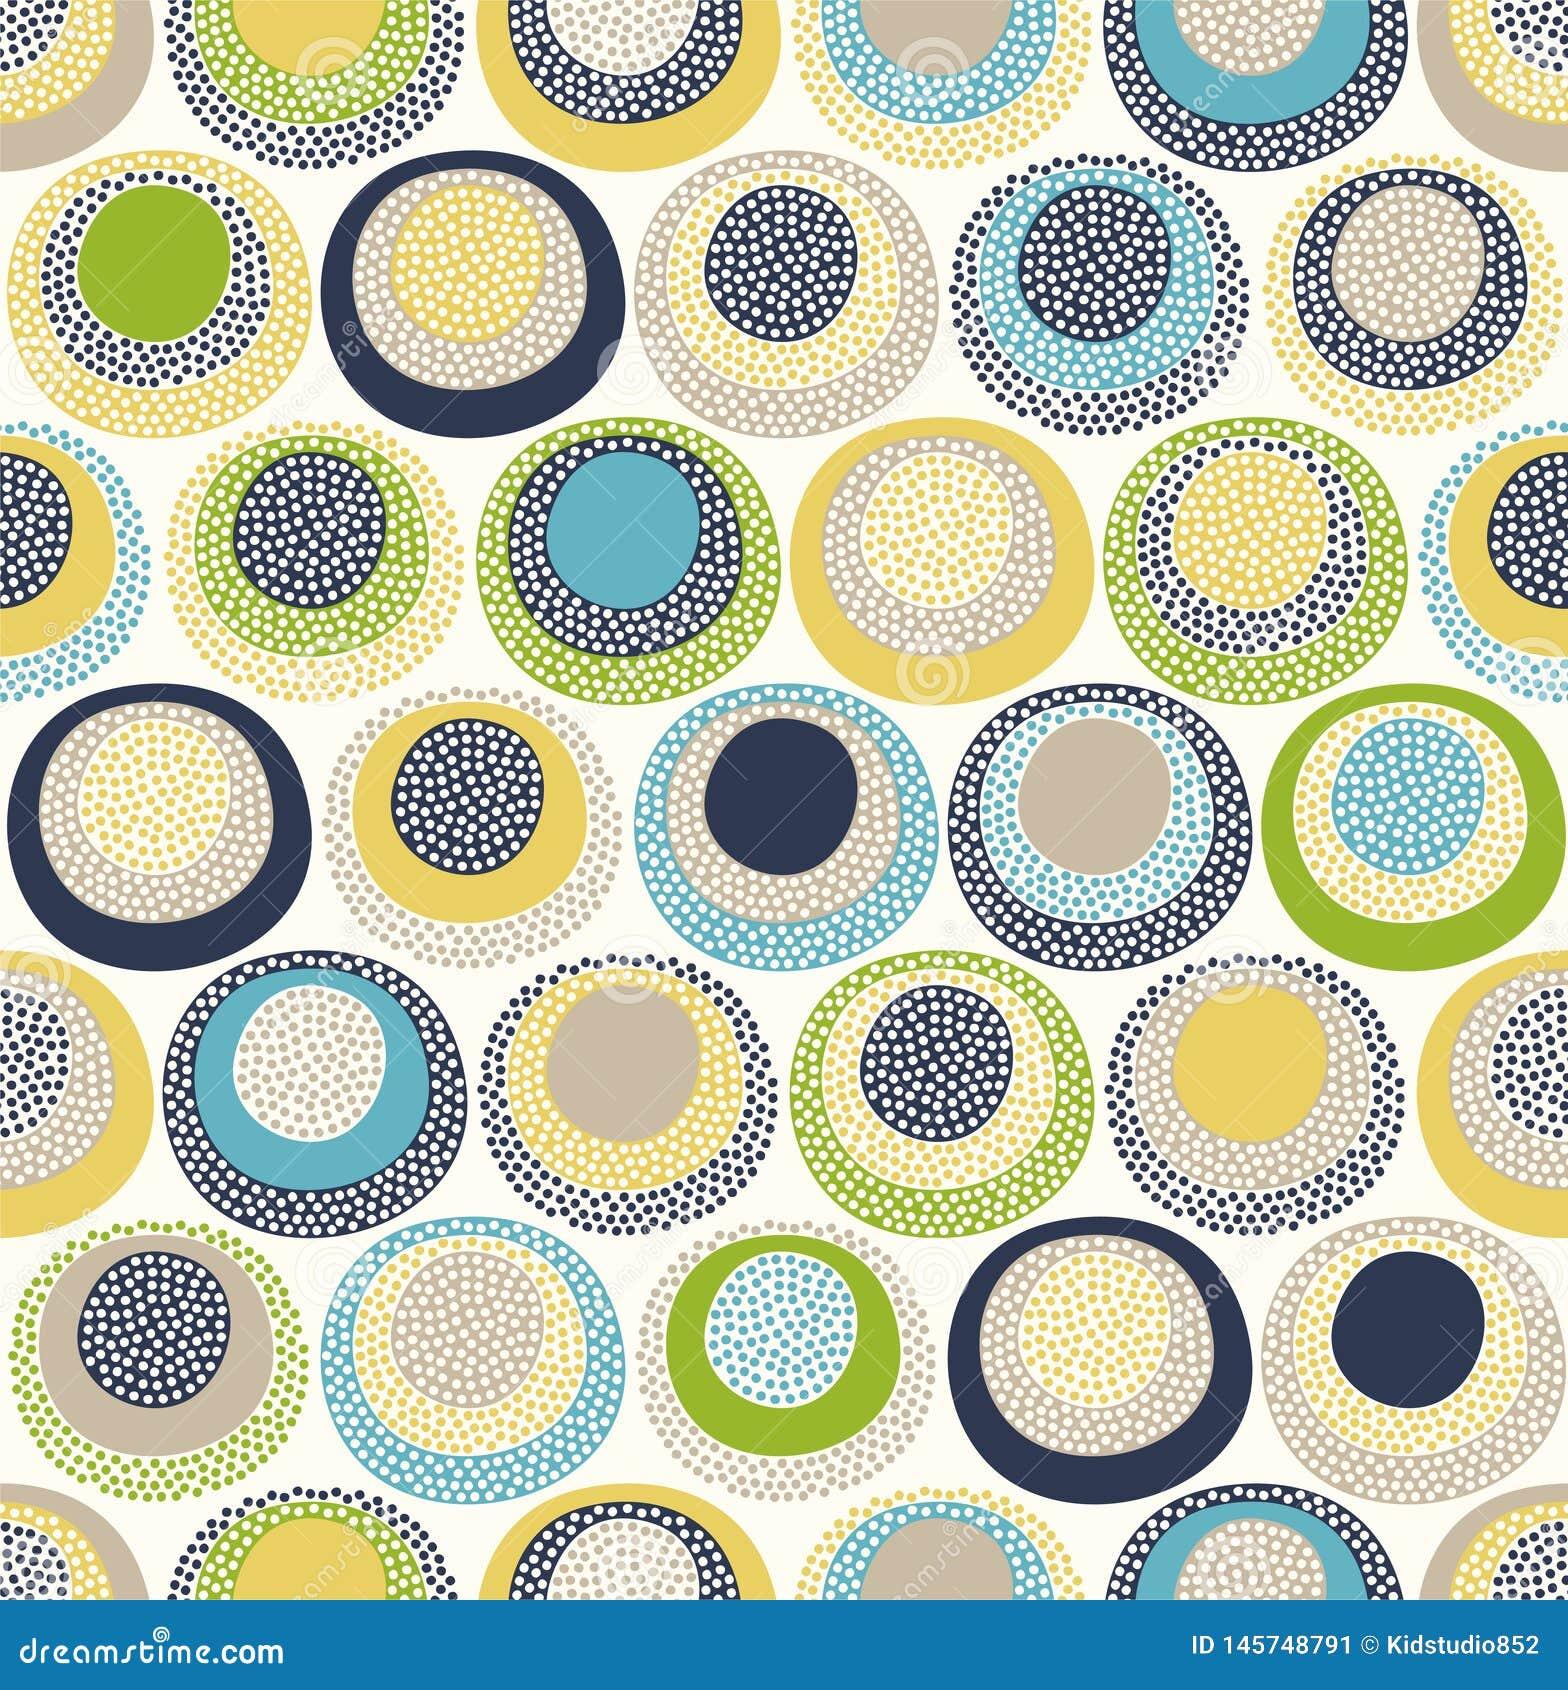 De naadloze kinderachtige abstracte kleurrijke ronde cirkel stippelt patroon op witte achtergrond